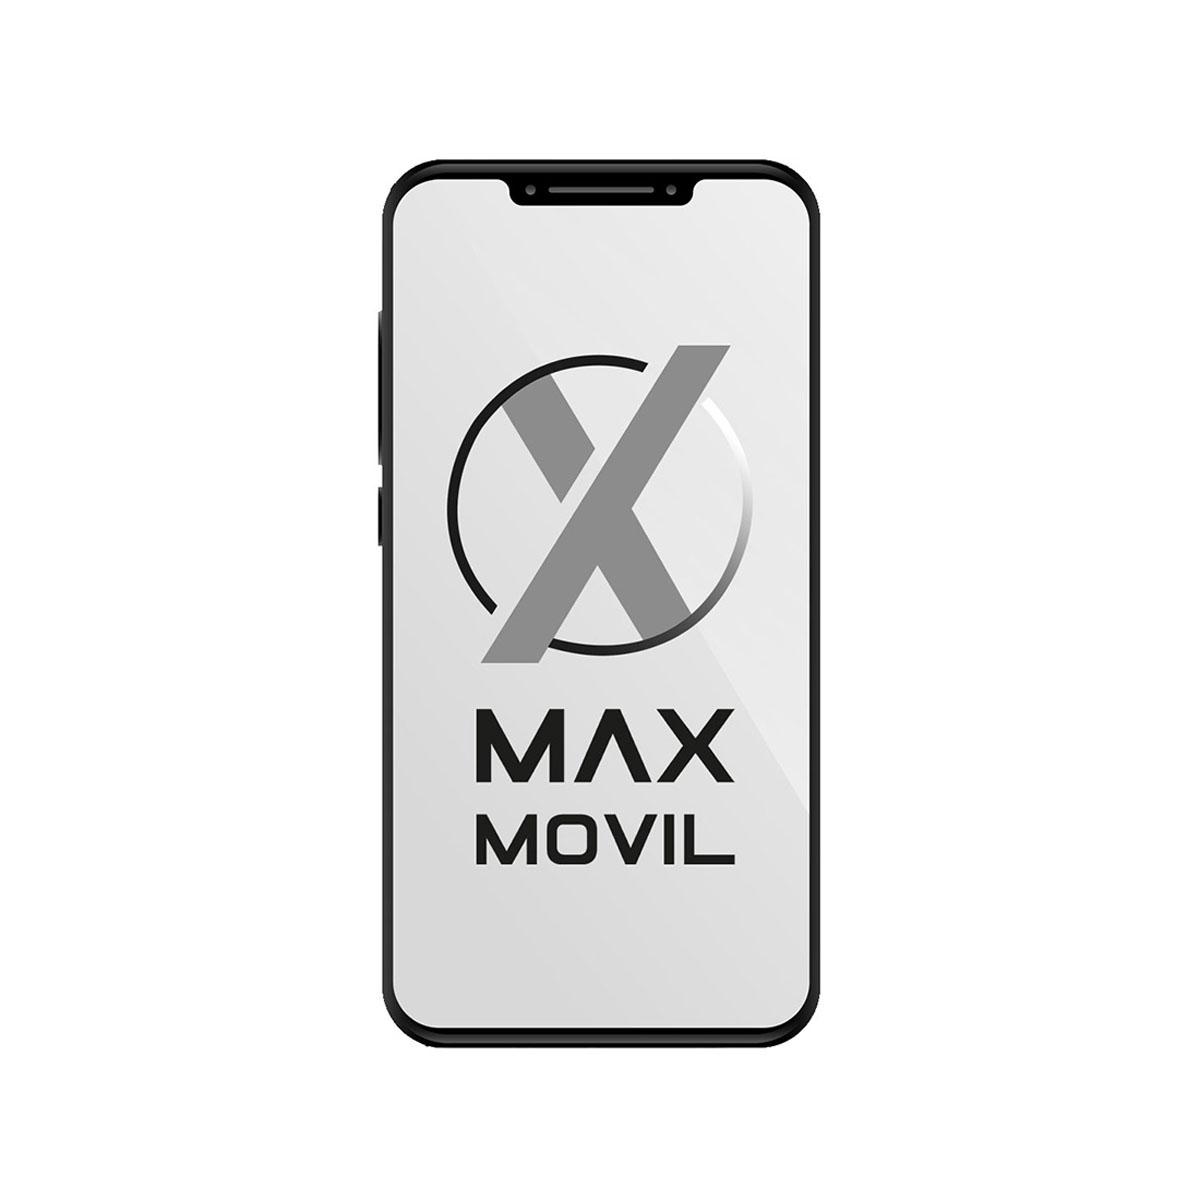 Apple iPhone 8 Reacondicionado 64GB Gris (Space Grey) - Grado A